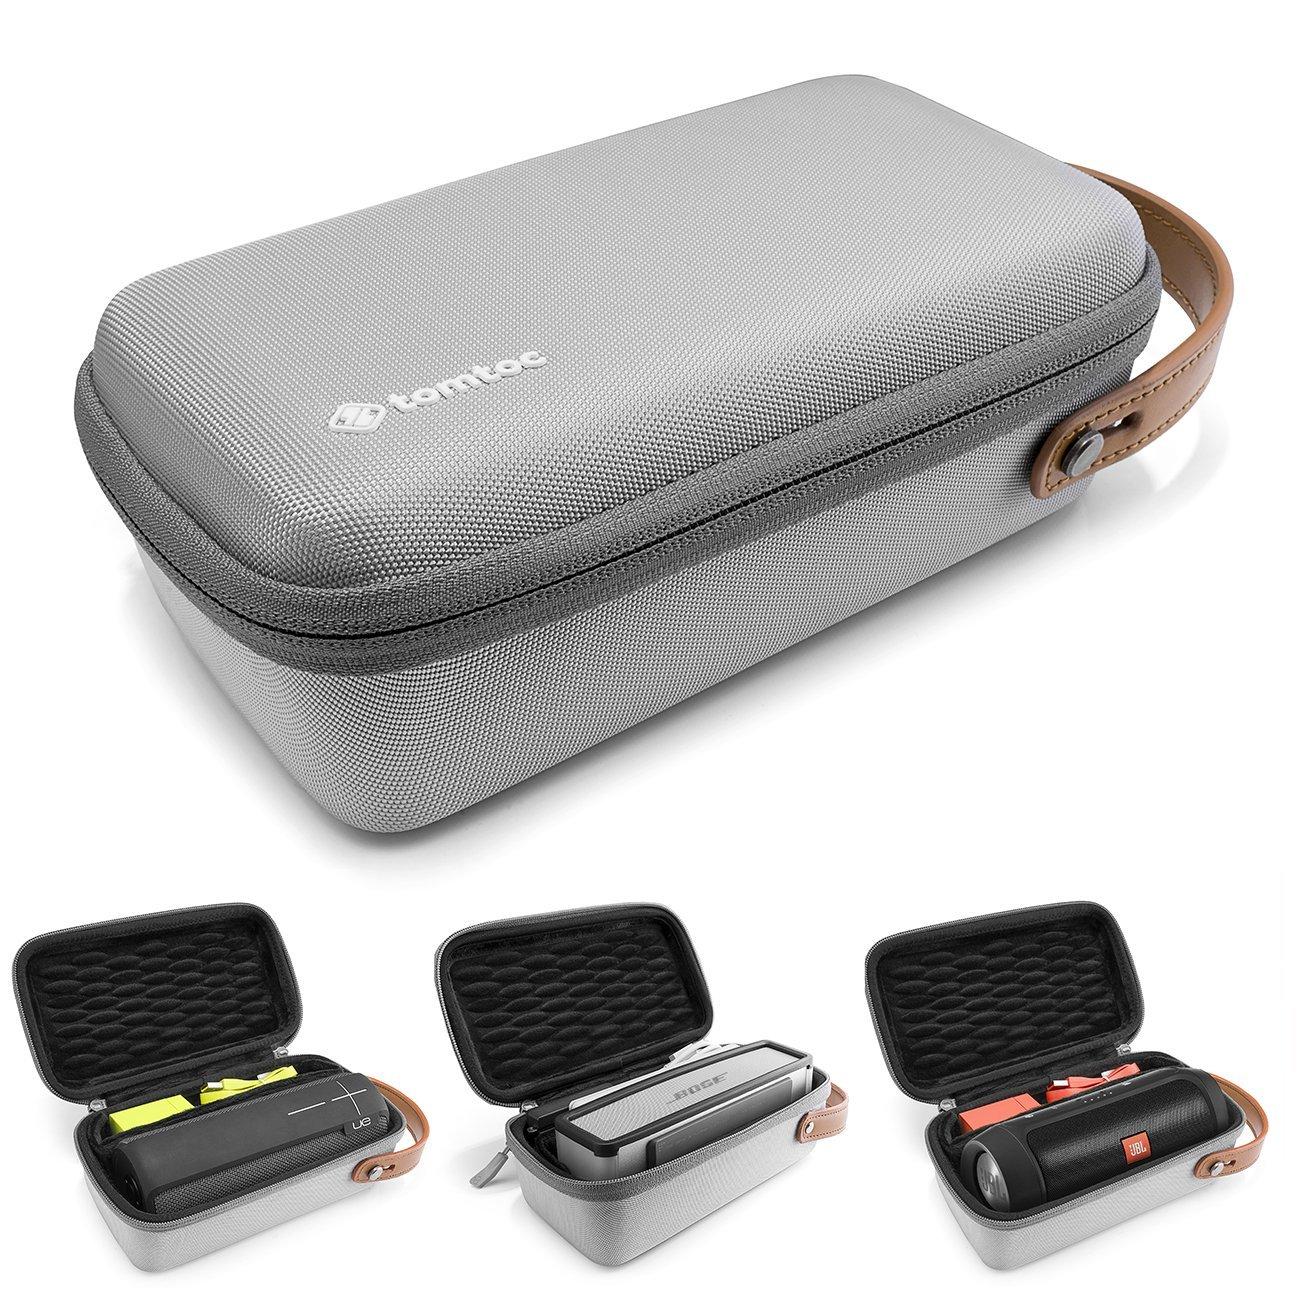 Bluetooth Speaker Hard Carrying Case for Bose Soundlink/JBL Flip/UE Boom $9.99 (F/S Prime)